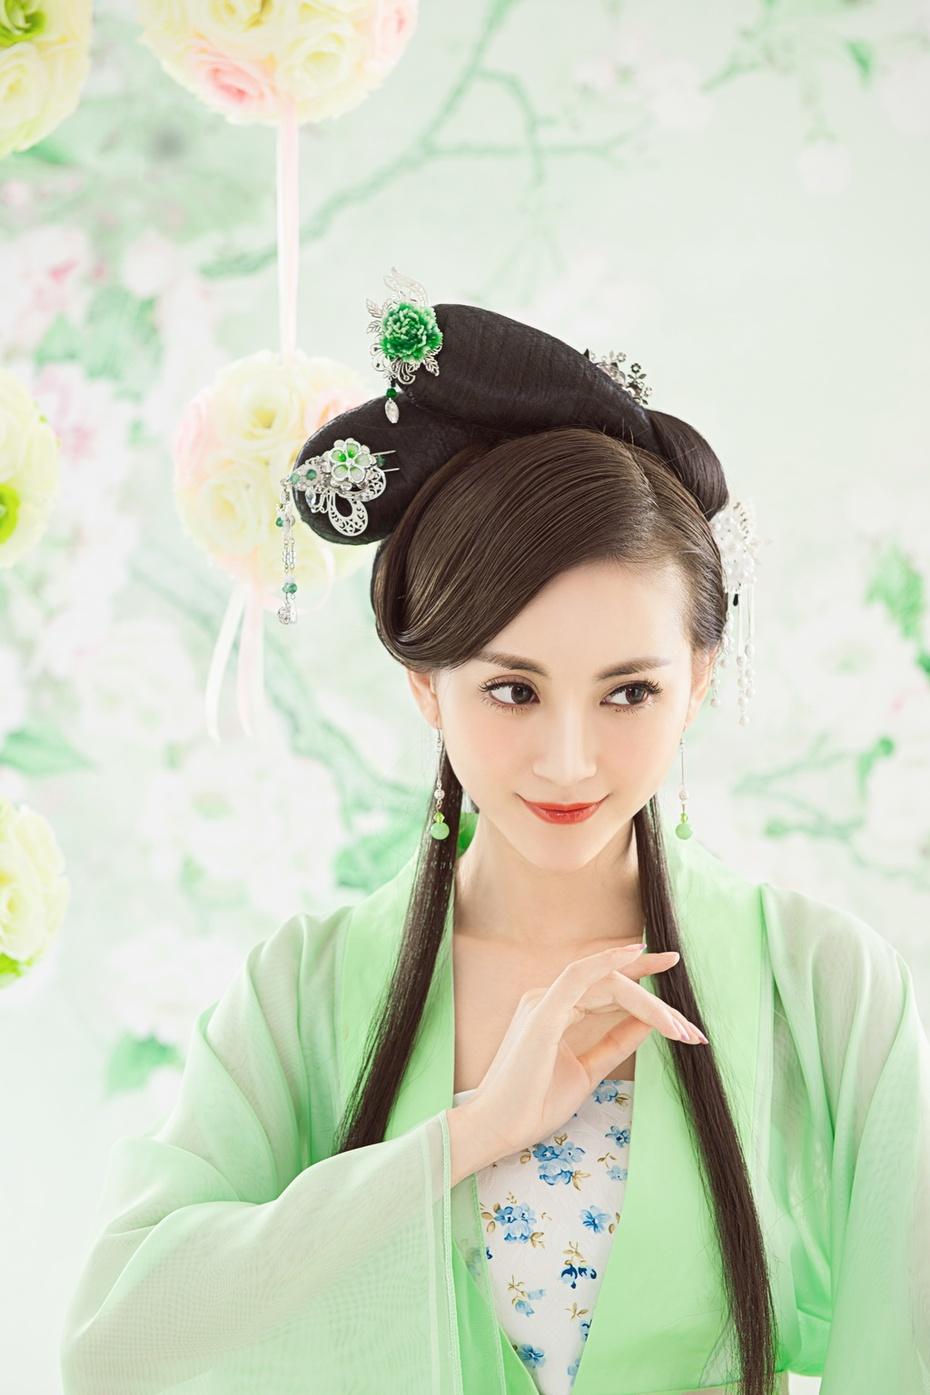 长发古装_古装美女长发长发_少女红衣美美女脸照韩国古装图片